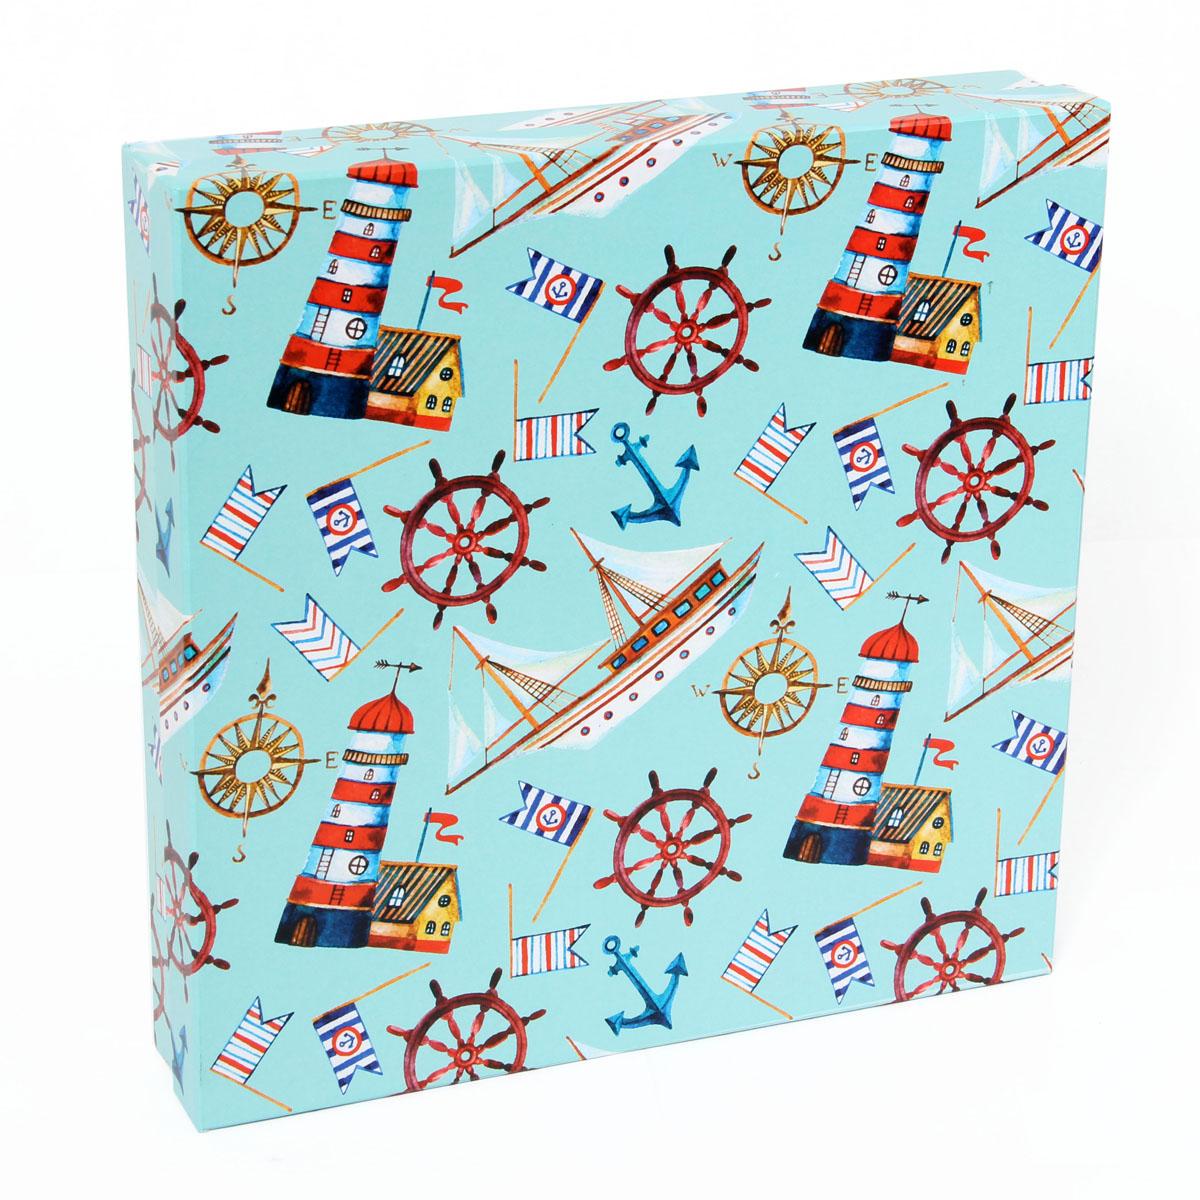 Набор подарочных коробок Veld-Co Морская гавань, 4 шт набор подарочных коробок veld co морская тематика прямоугольные 5 шт